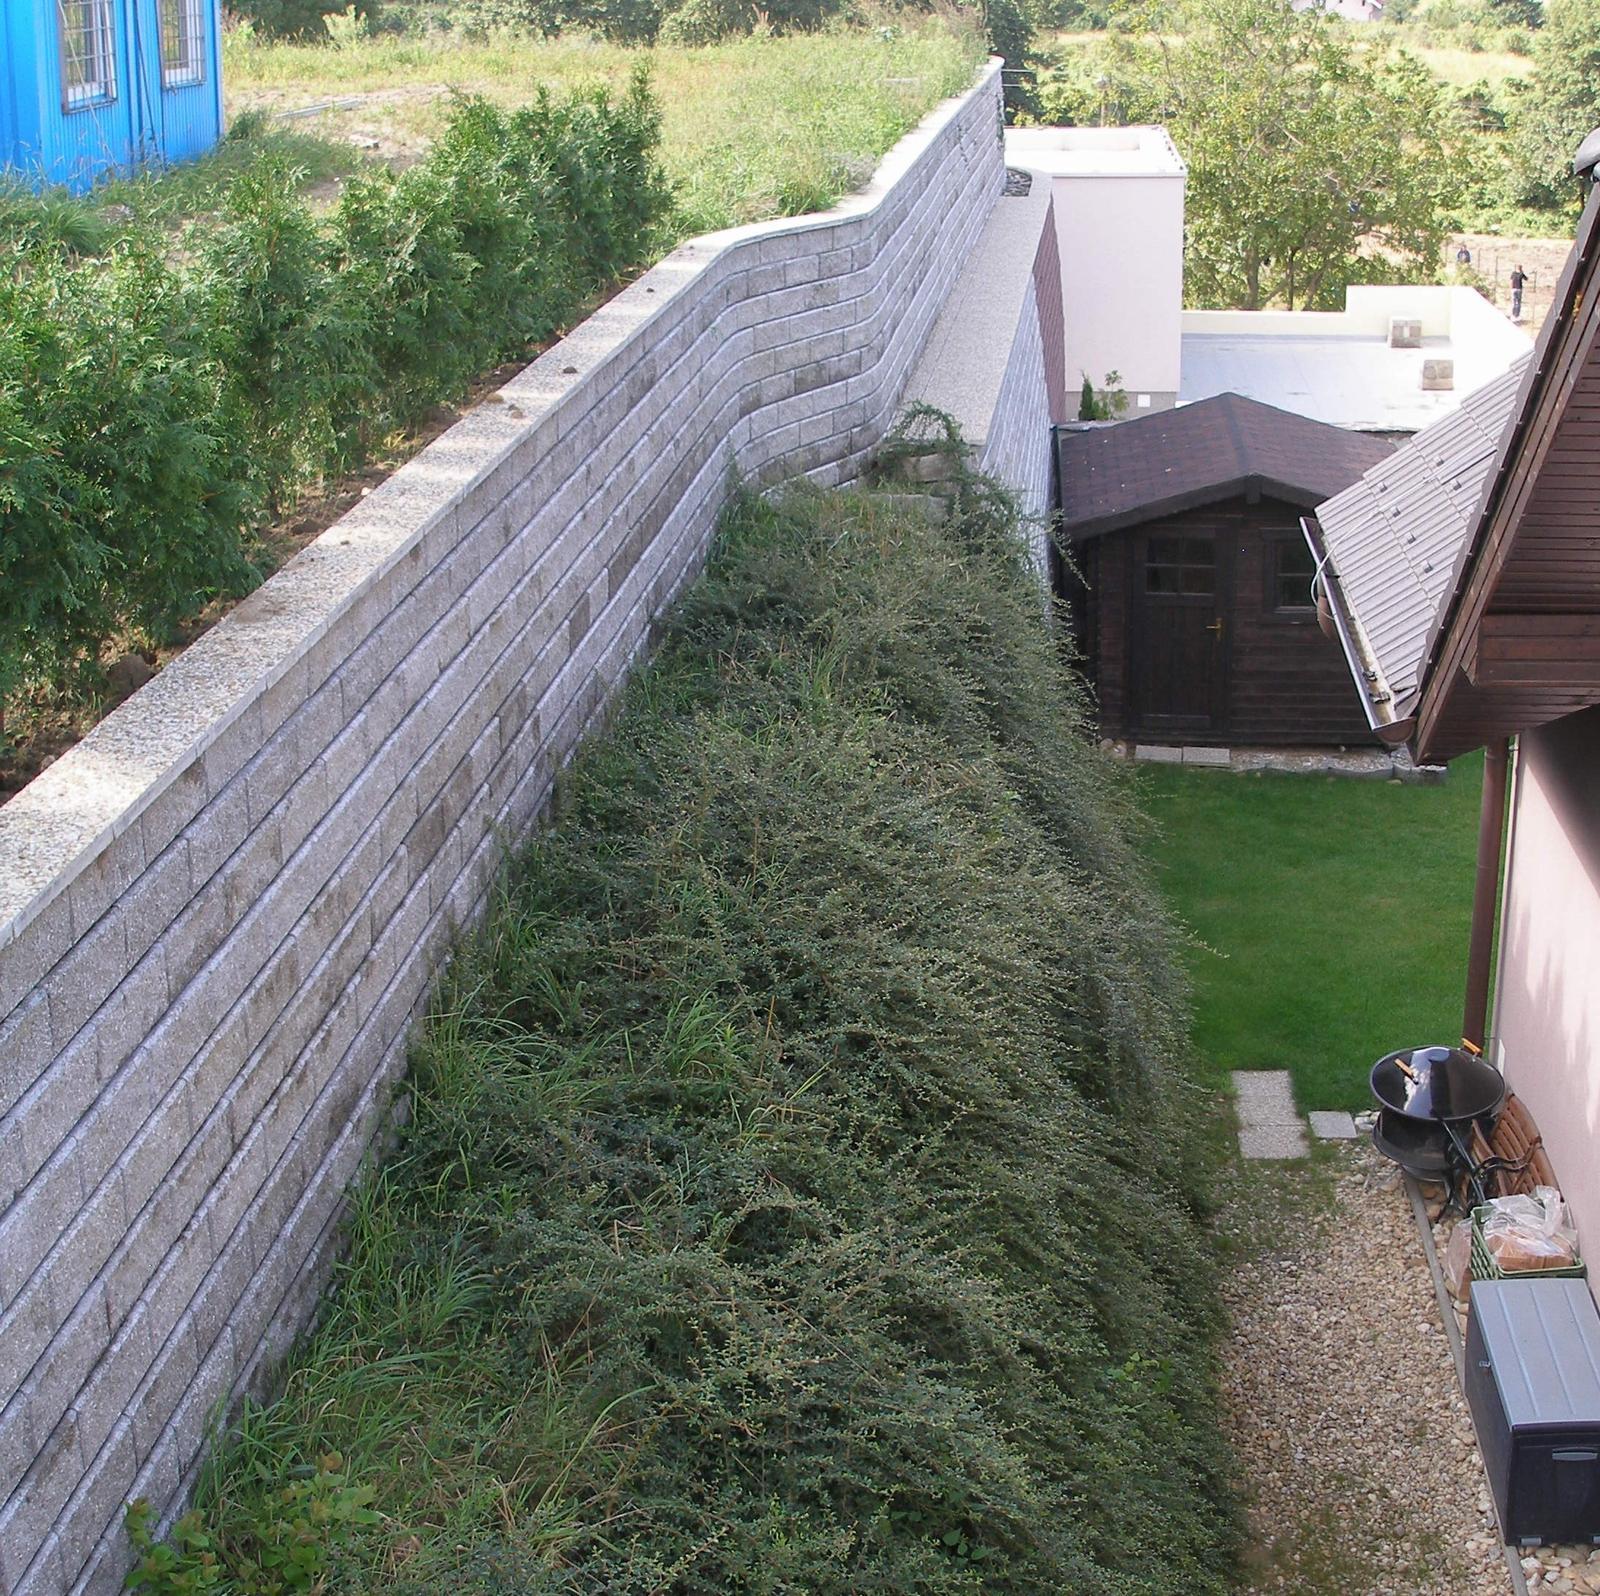 kosto13 - Zelený strmý svah po plnom pokrytí vegetáciou. Hore oporný múr z malých tvárnic, Bratislava - Záhorská Bystrica 2009